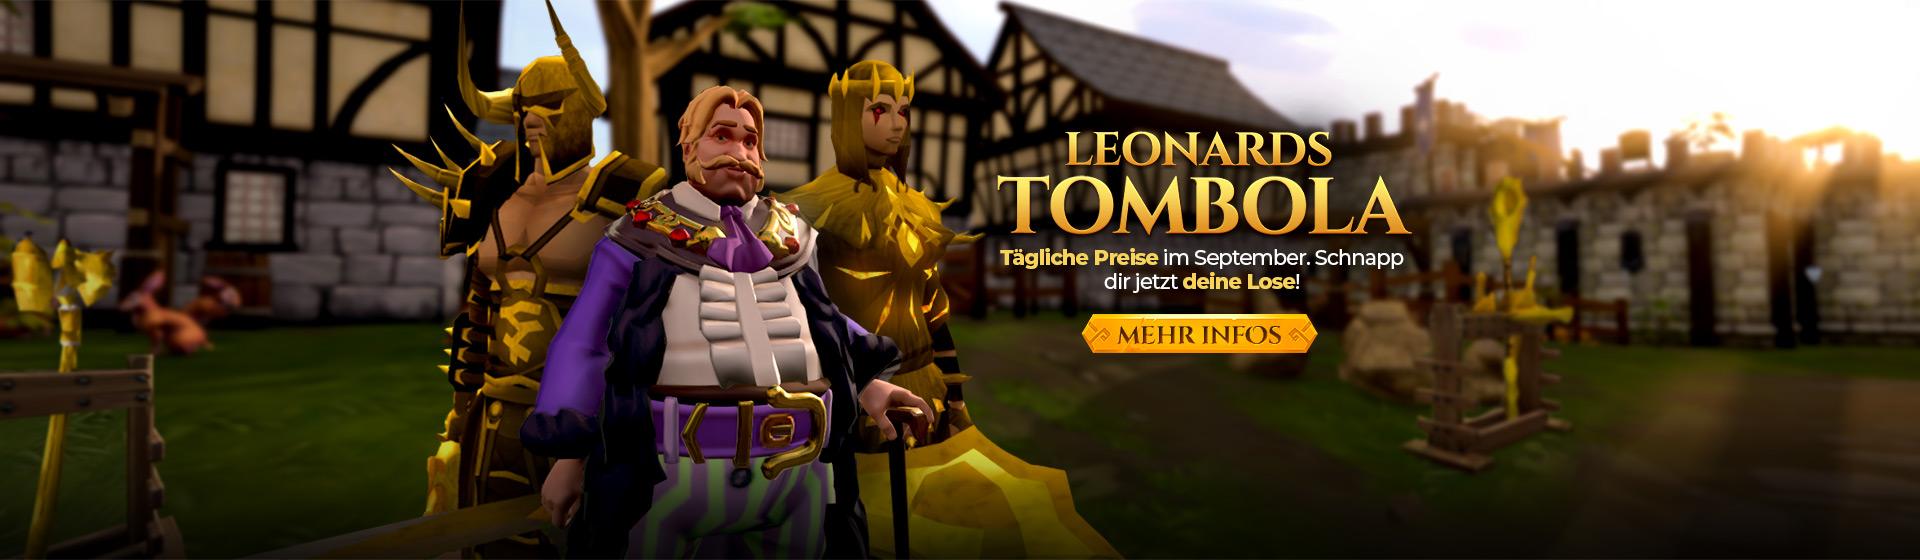 Leonards Tombola